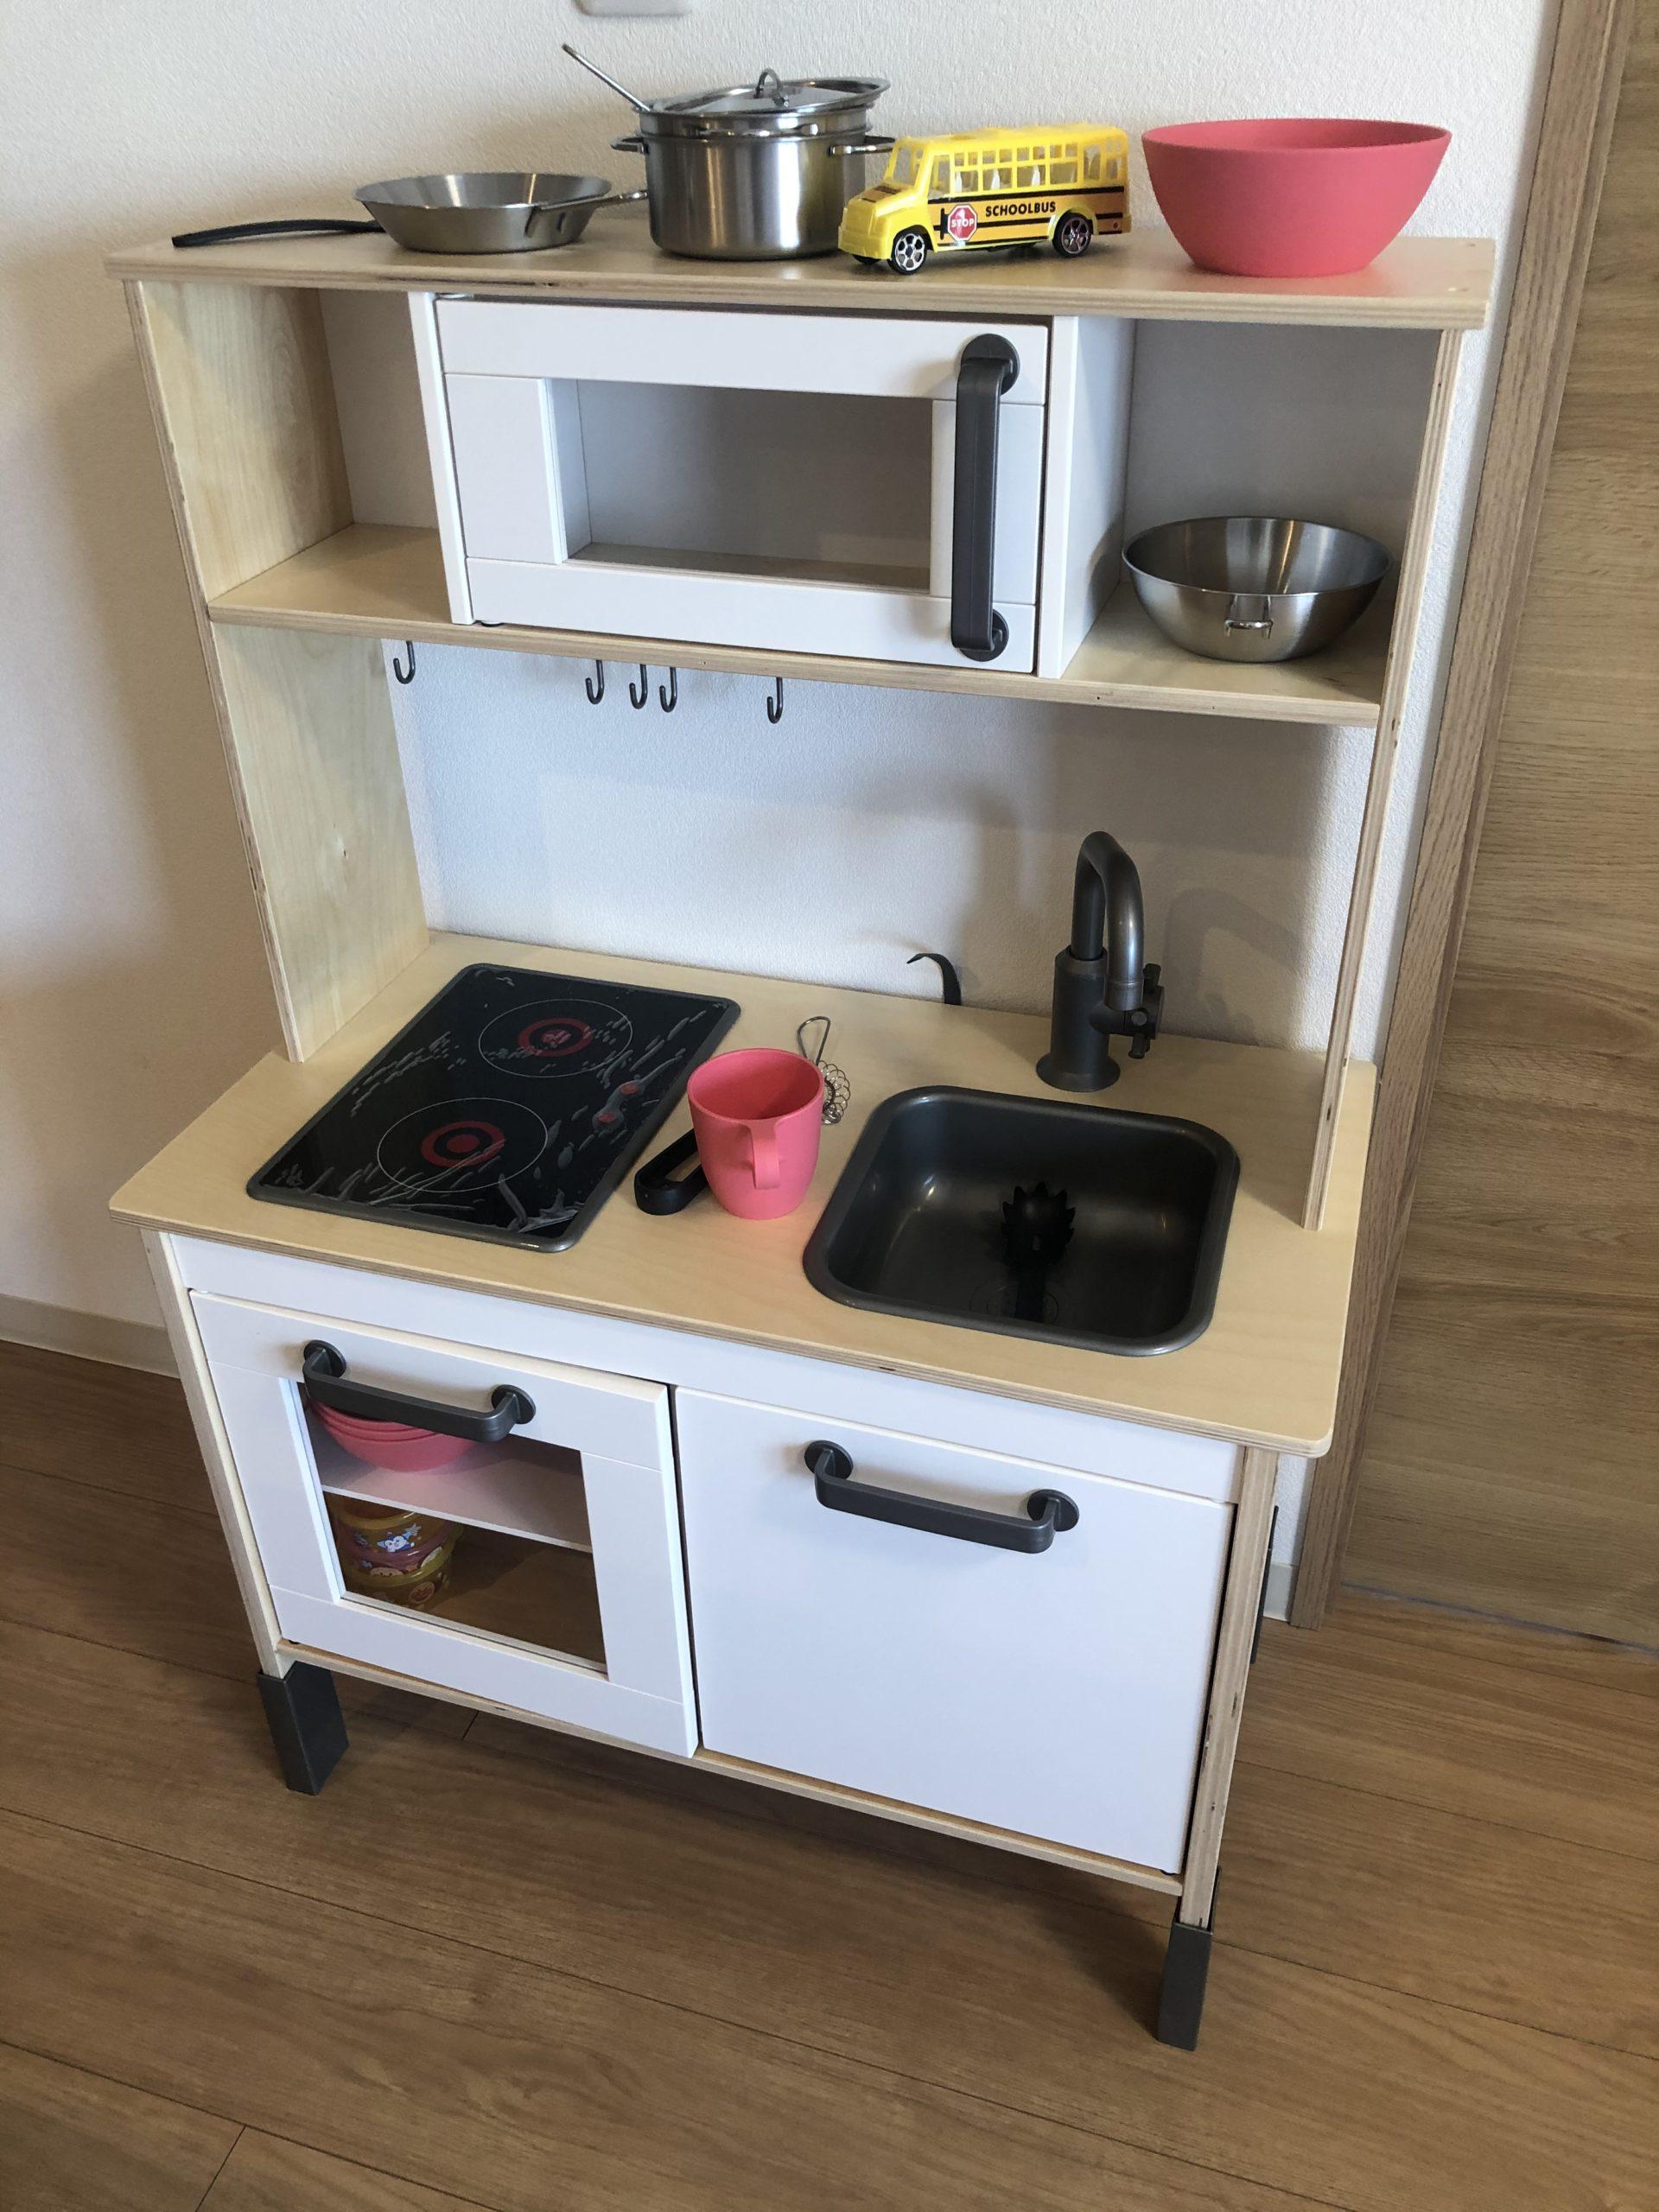 【IKEA】イケアのおままごとキッチンを買って大満足!組み立てに一苦労…